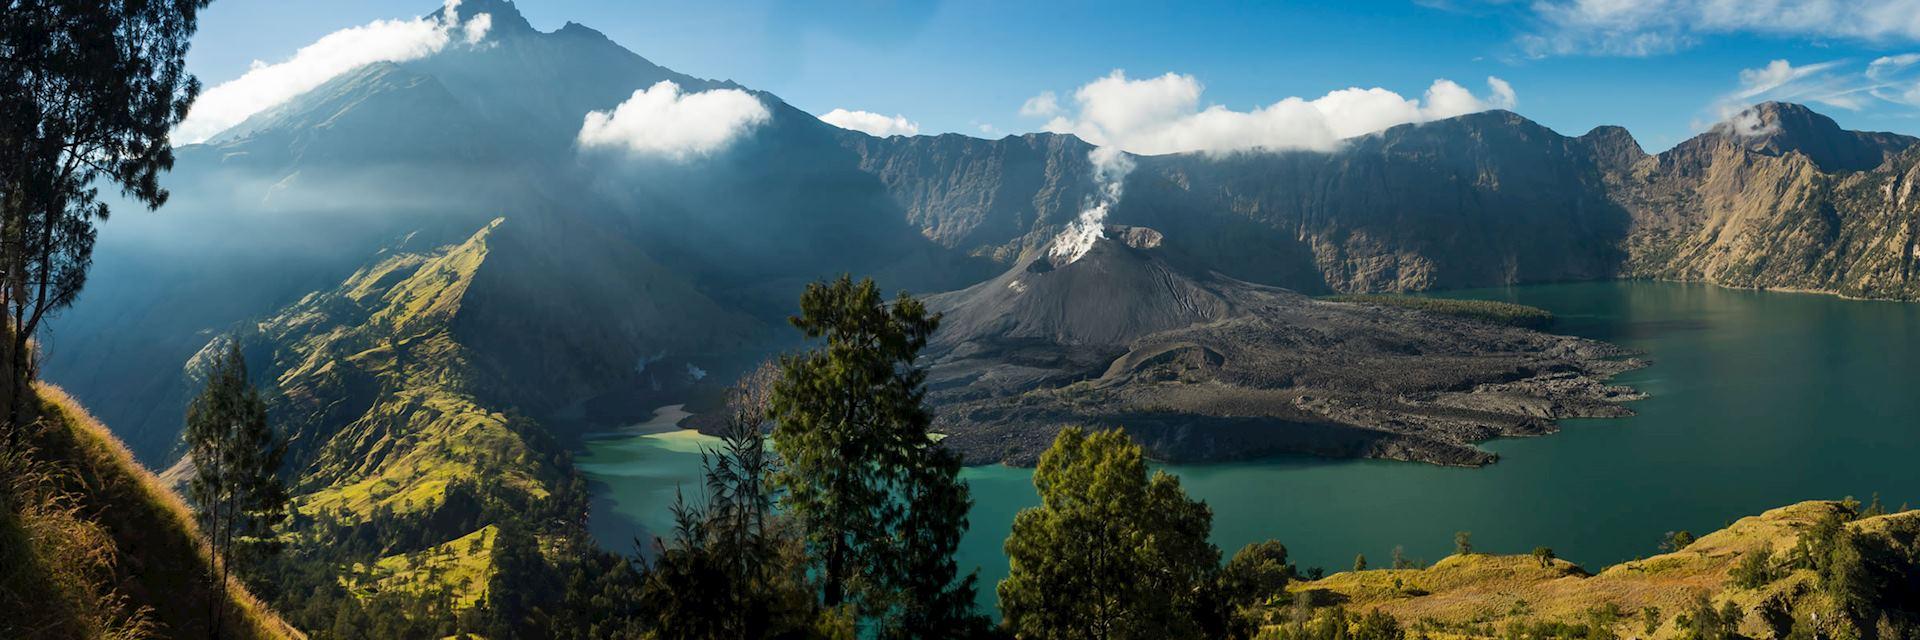 Rinjani Crater, Lombok